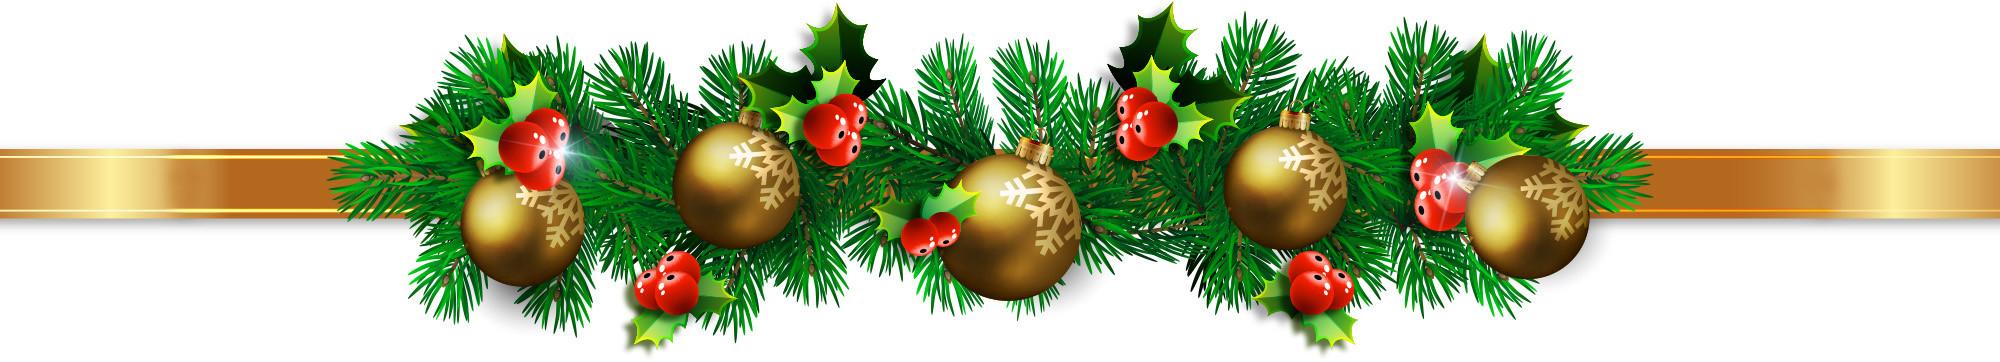 Offres stage de pilotage pour Noël, Offres de Noël